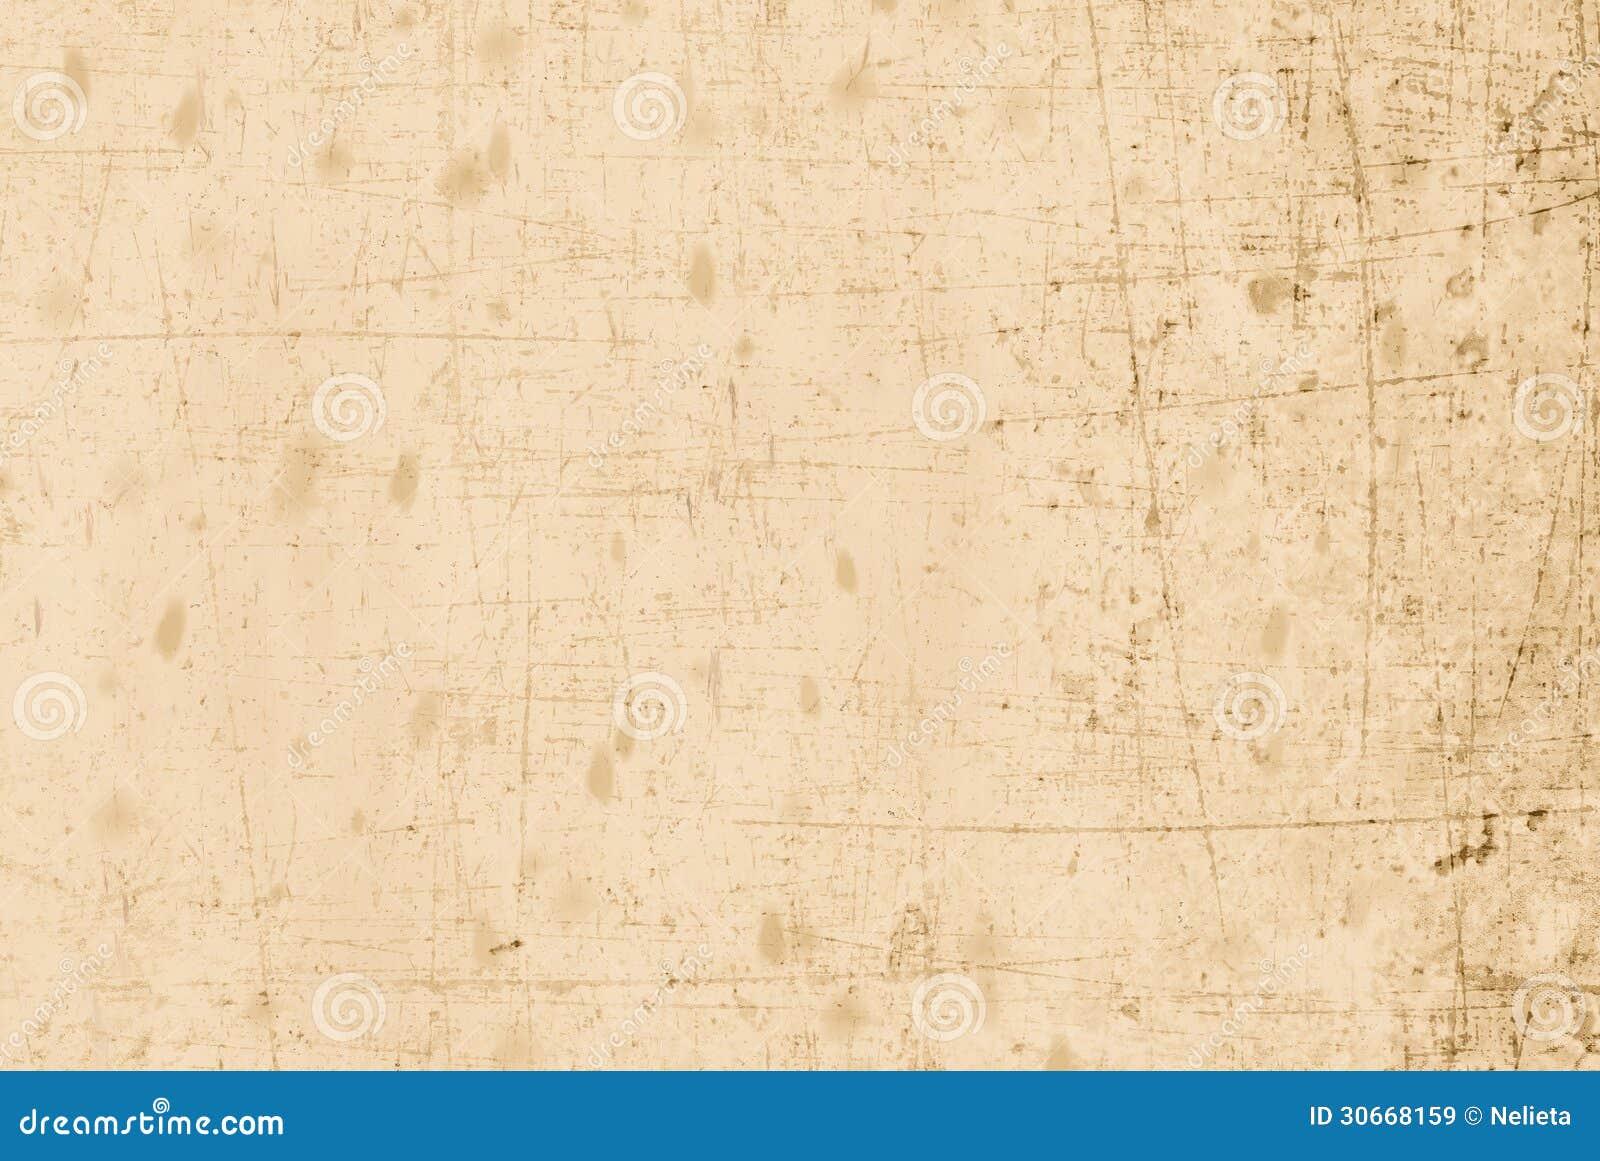 Бежевая старая и поцарапанная бумага